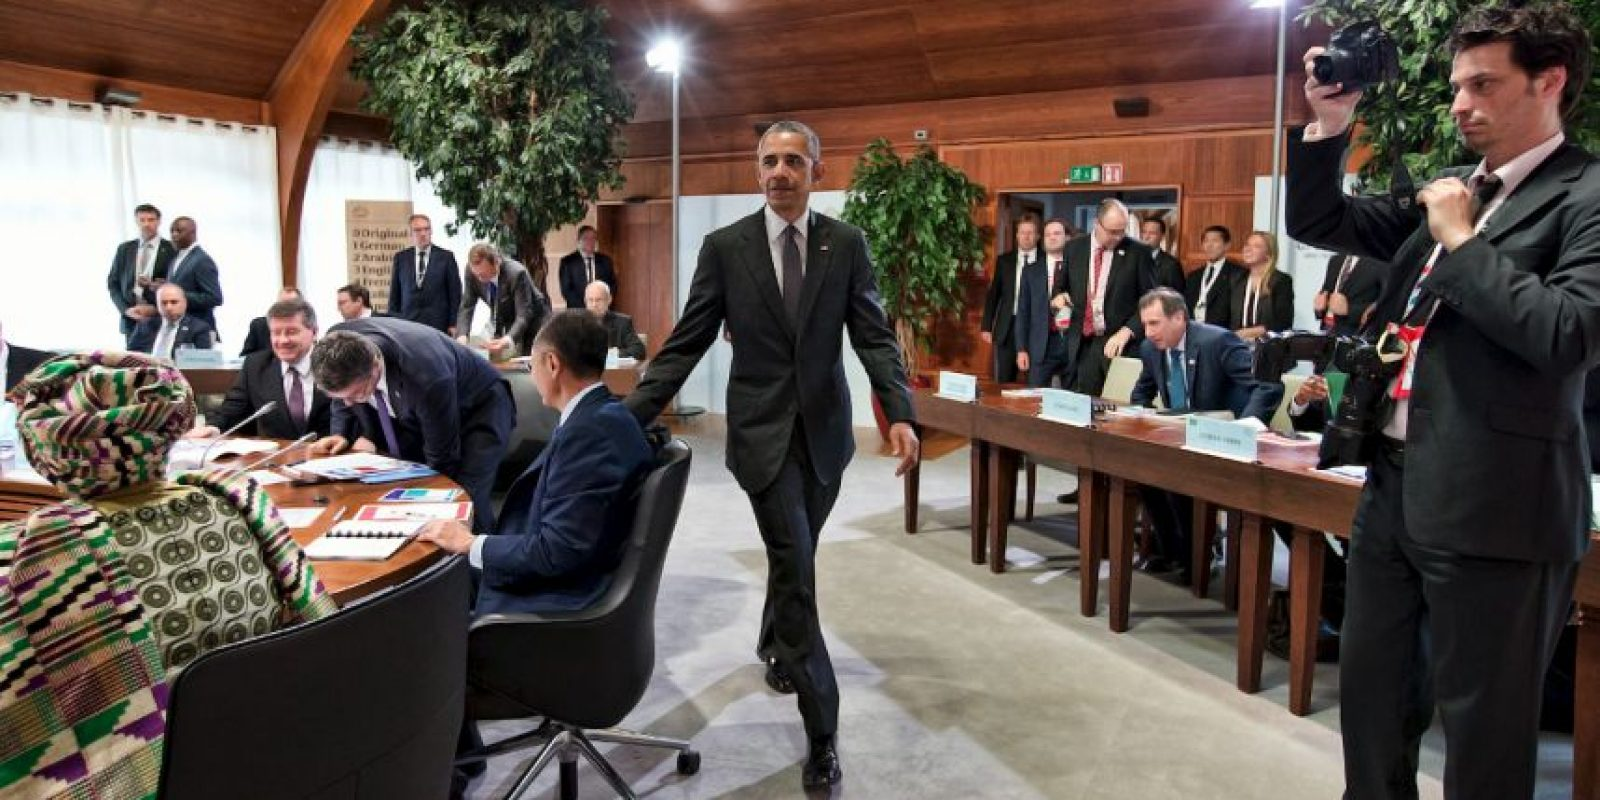 Como parte del G7, Obama se reunió con primer ministro de Irak, Haider al-Abadi, donde reiteró su compromiso con el país. Foto:Getty Images